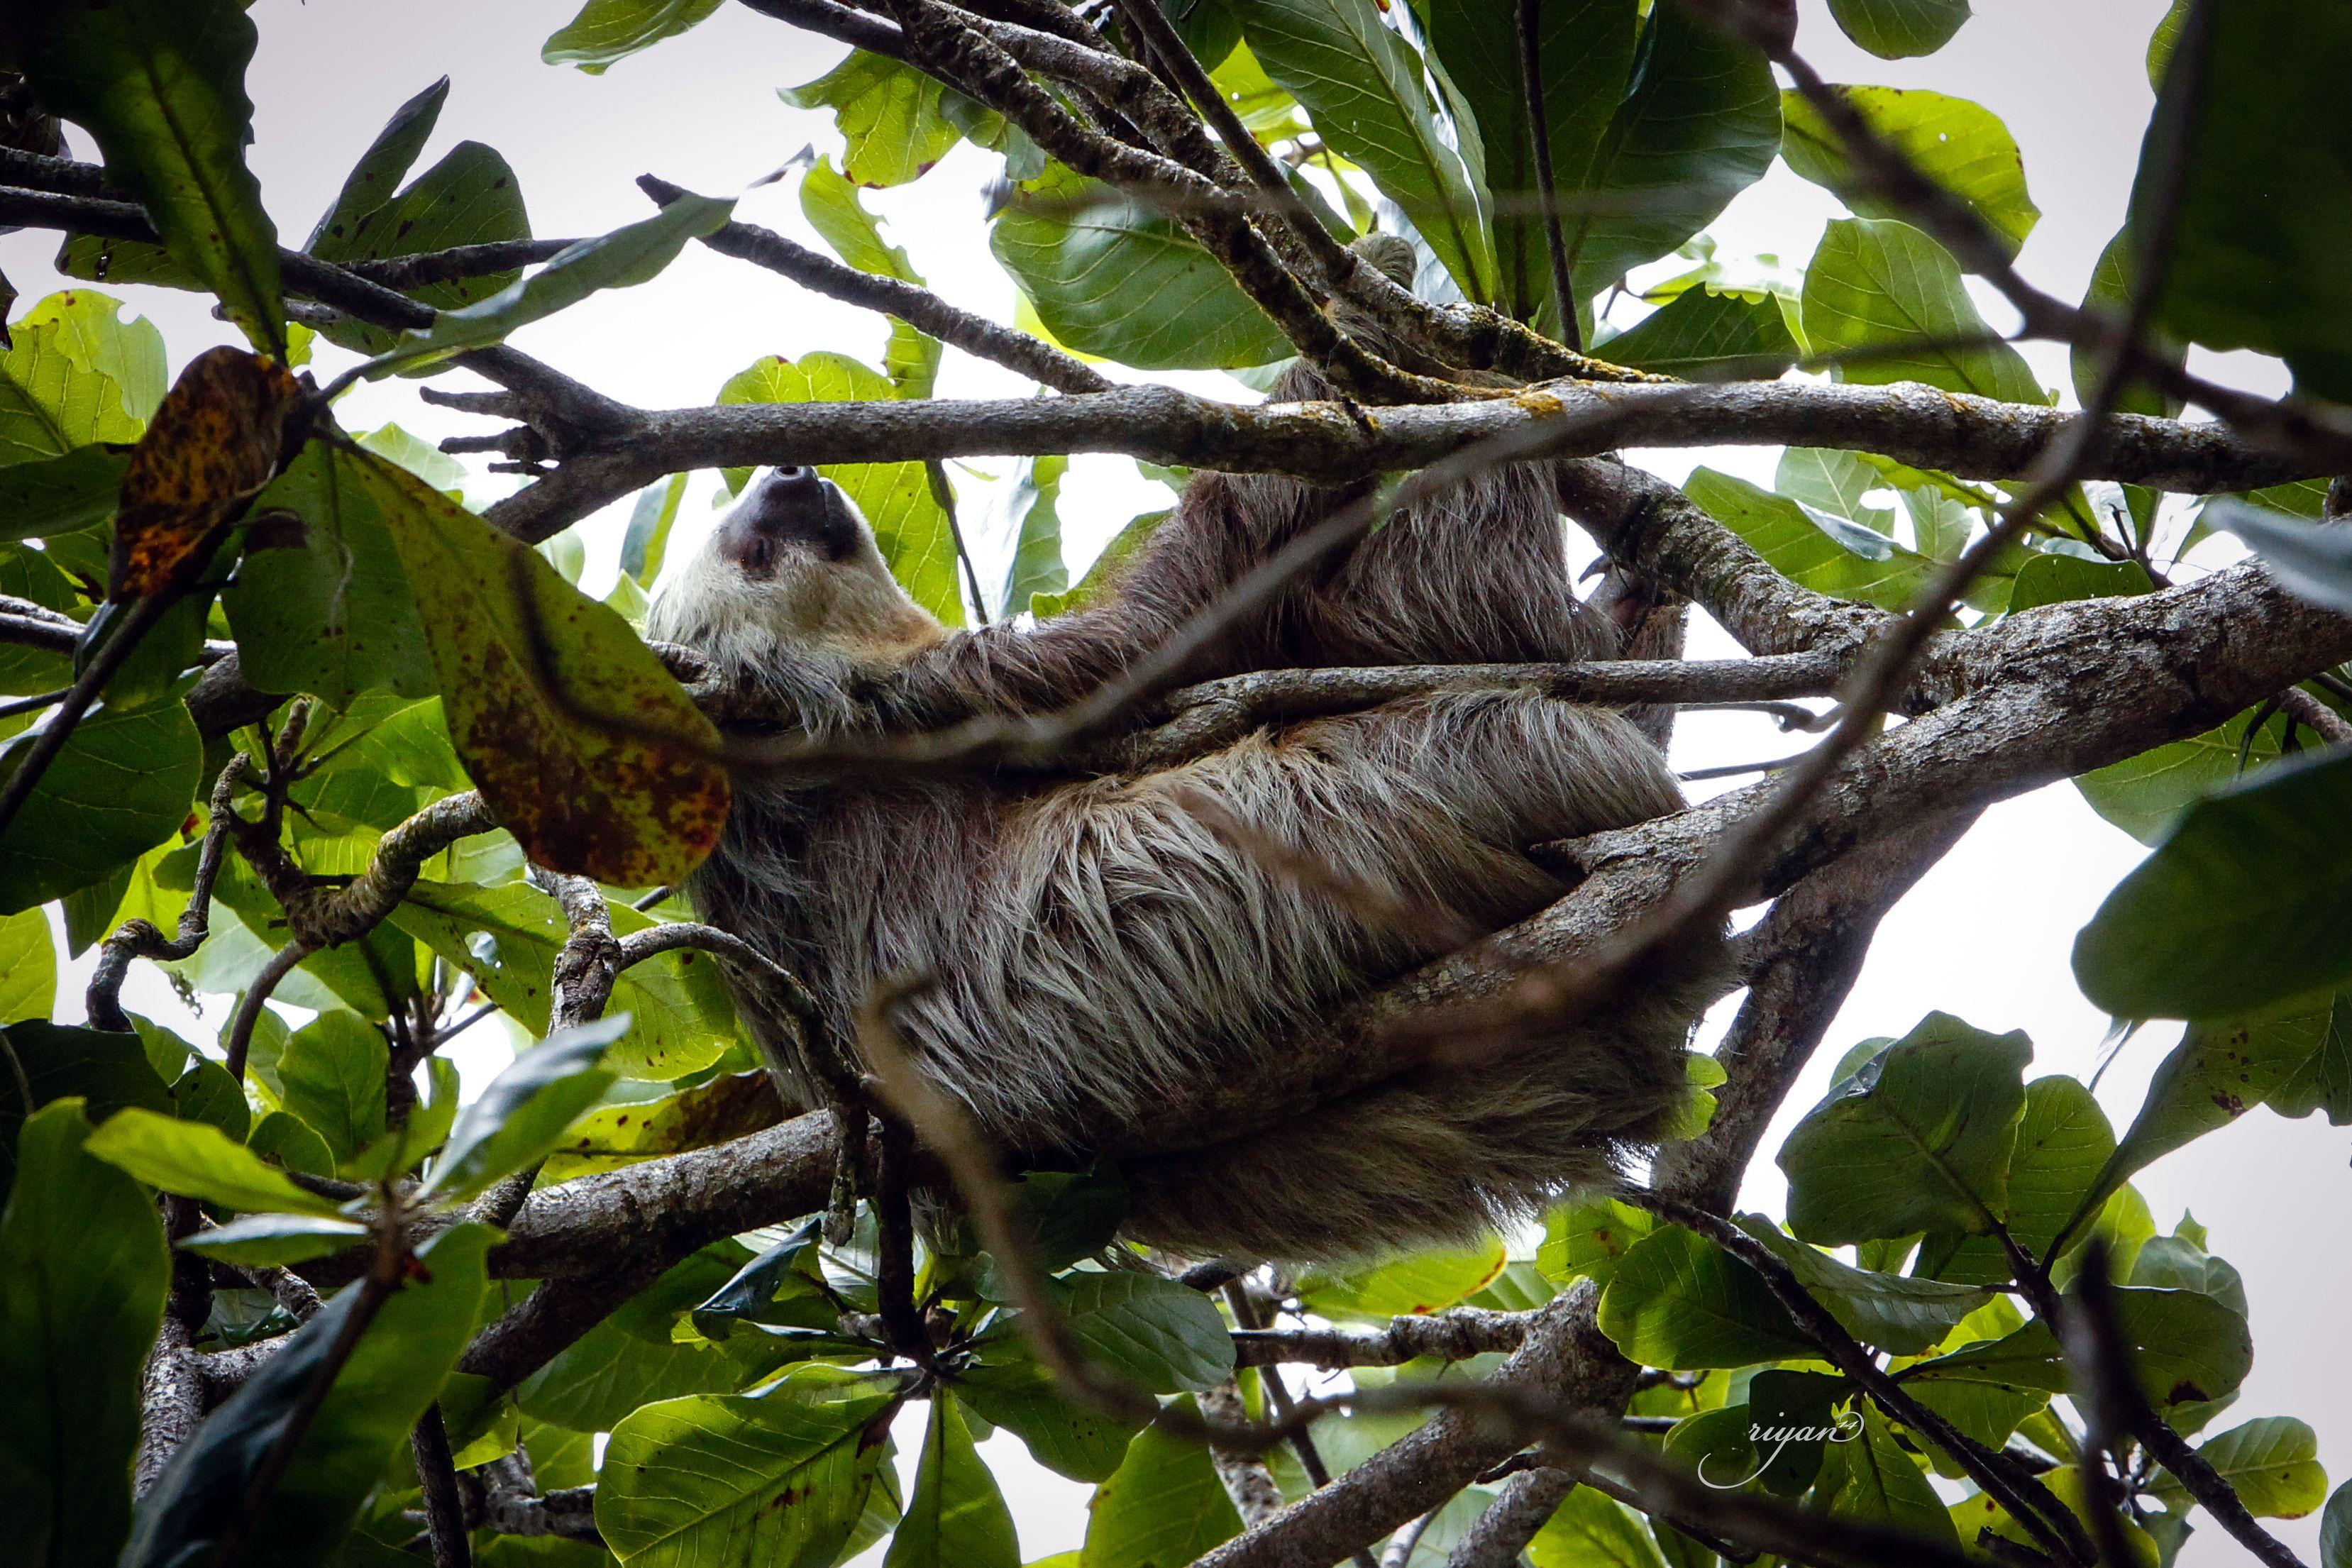 Sloth - Cahuita